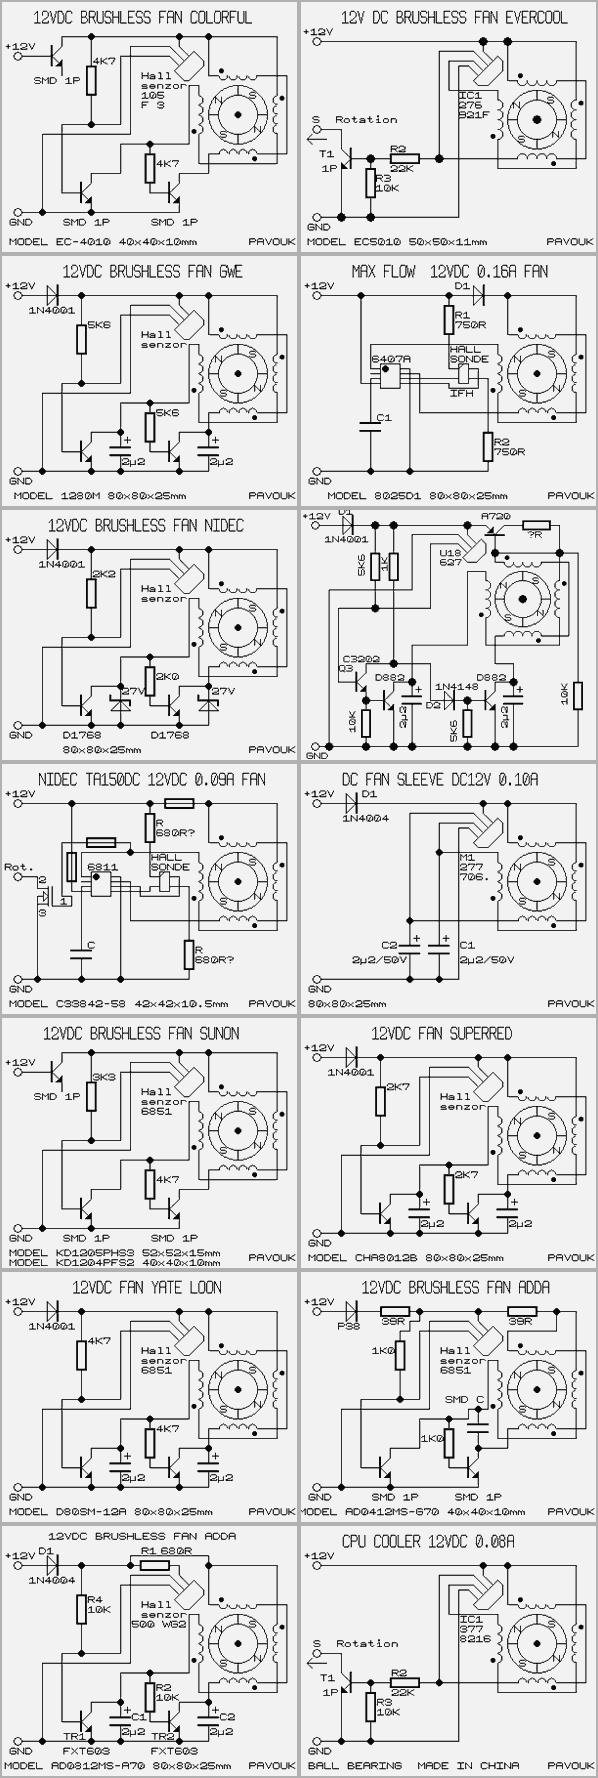 12v-fan-control-circuits-fan-sedea-brushless-fan-hall-sensor